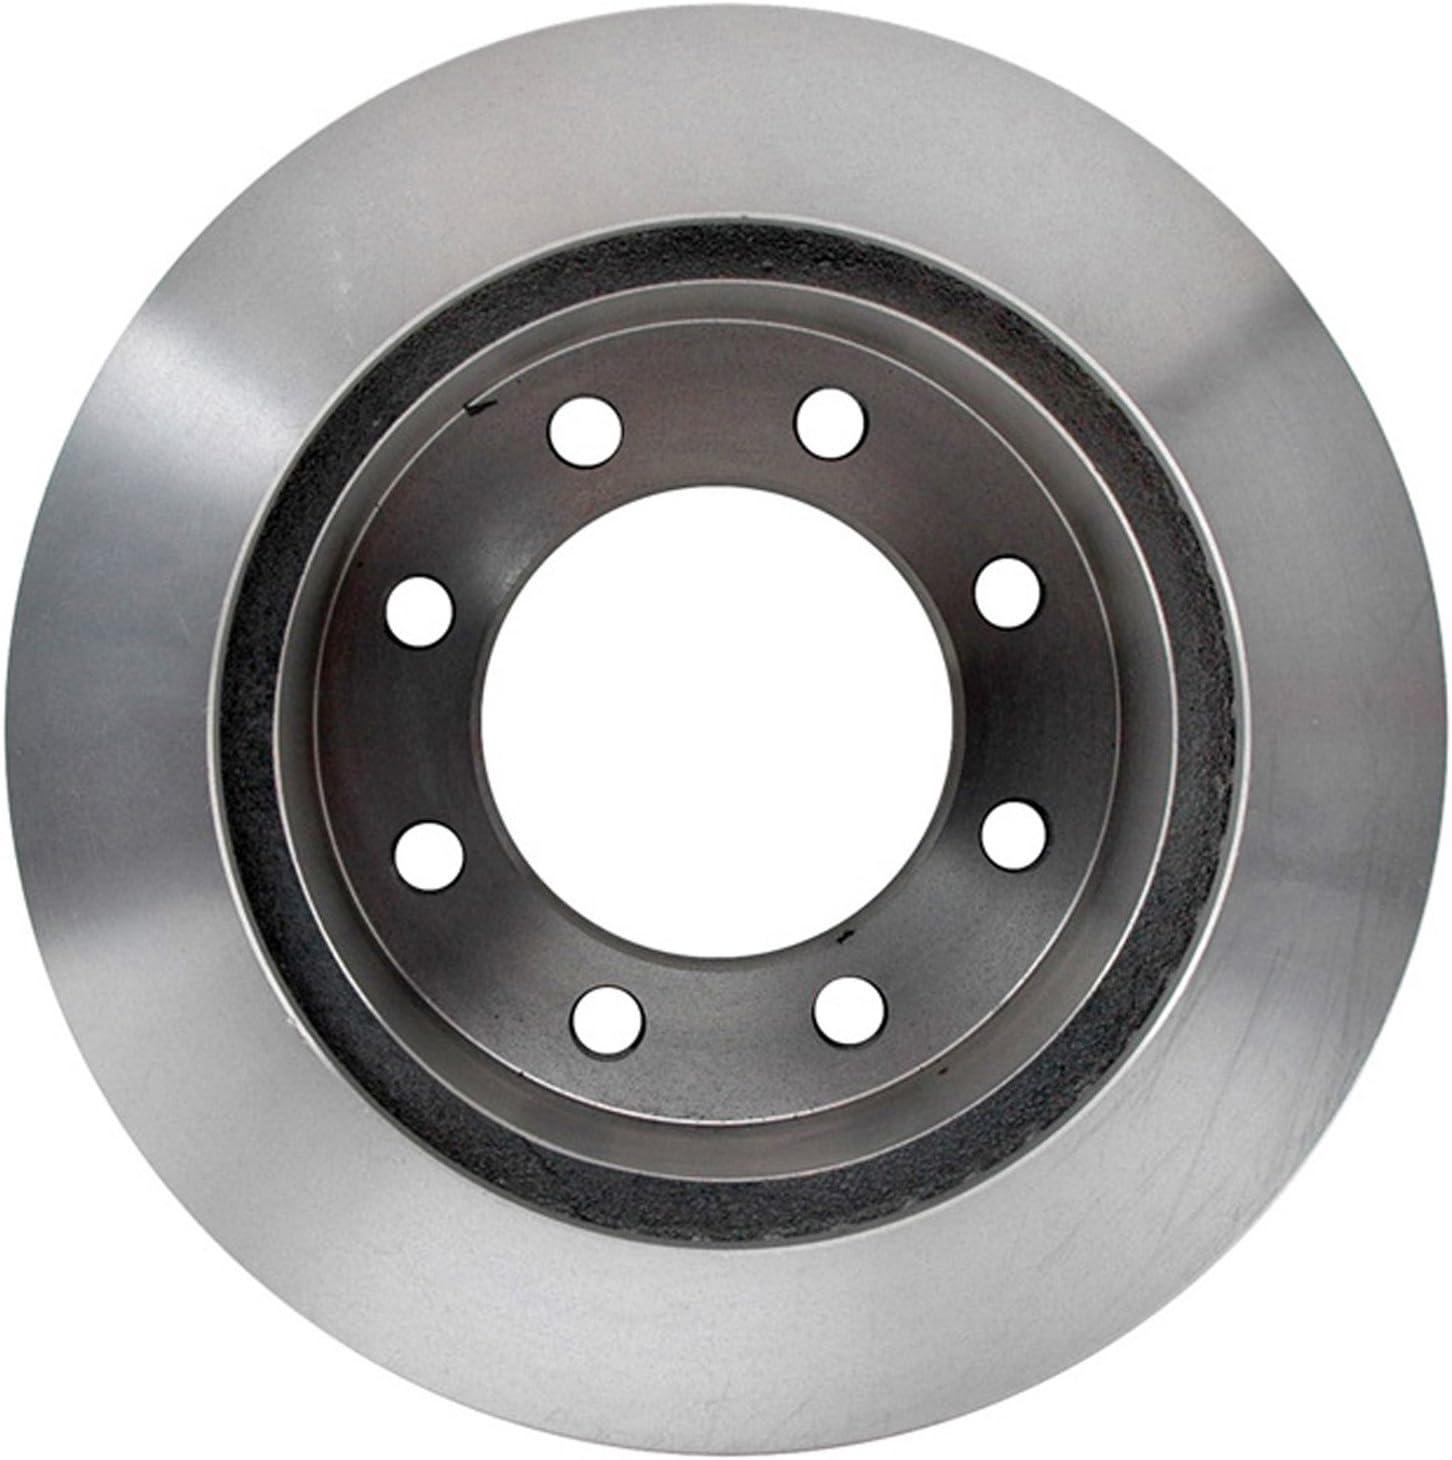 ACDelco 18A1307A Advantage Non-Coated Rear Disc Brake Rotor